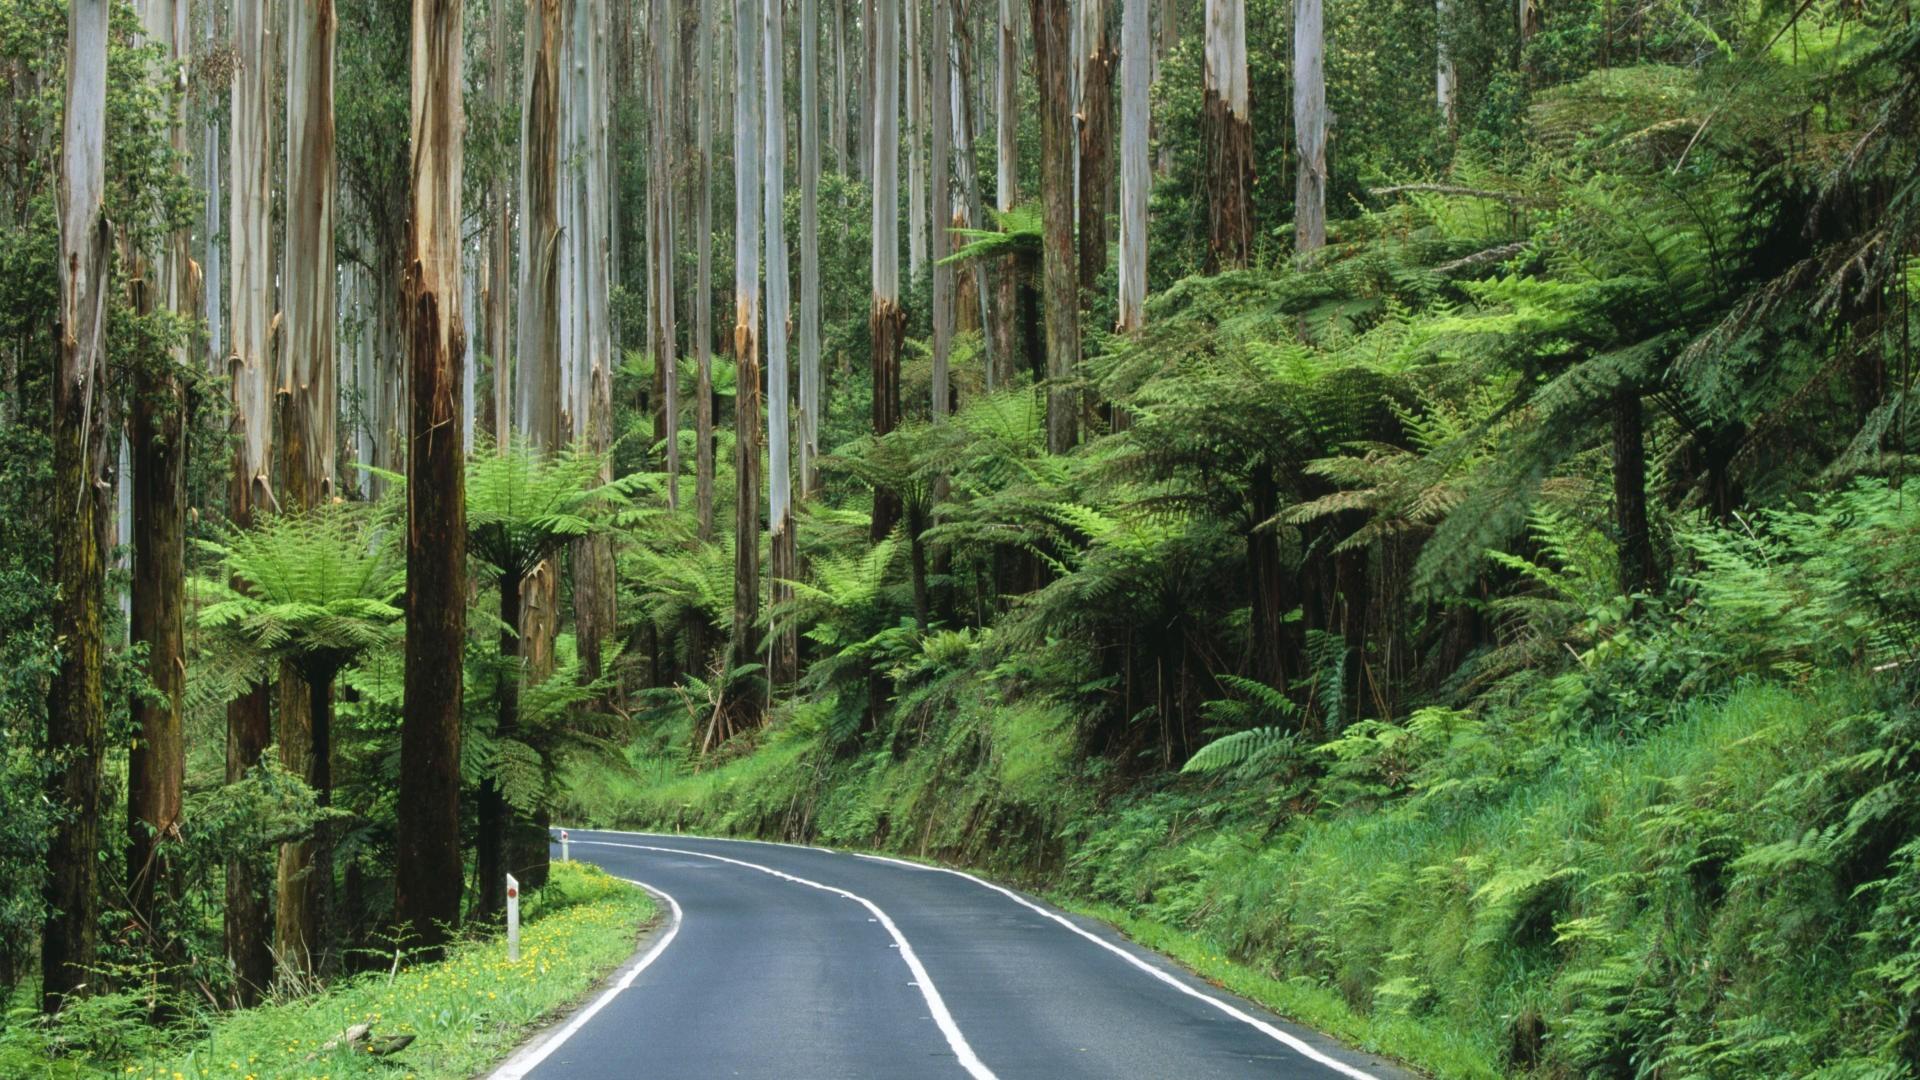 Roads Australia National Park rainforest wallpaper | | 198708 |  WallpaperUP